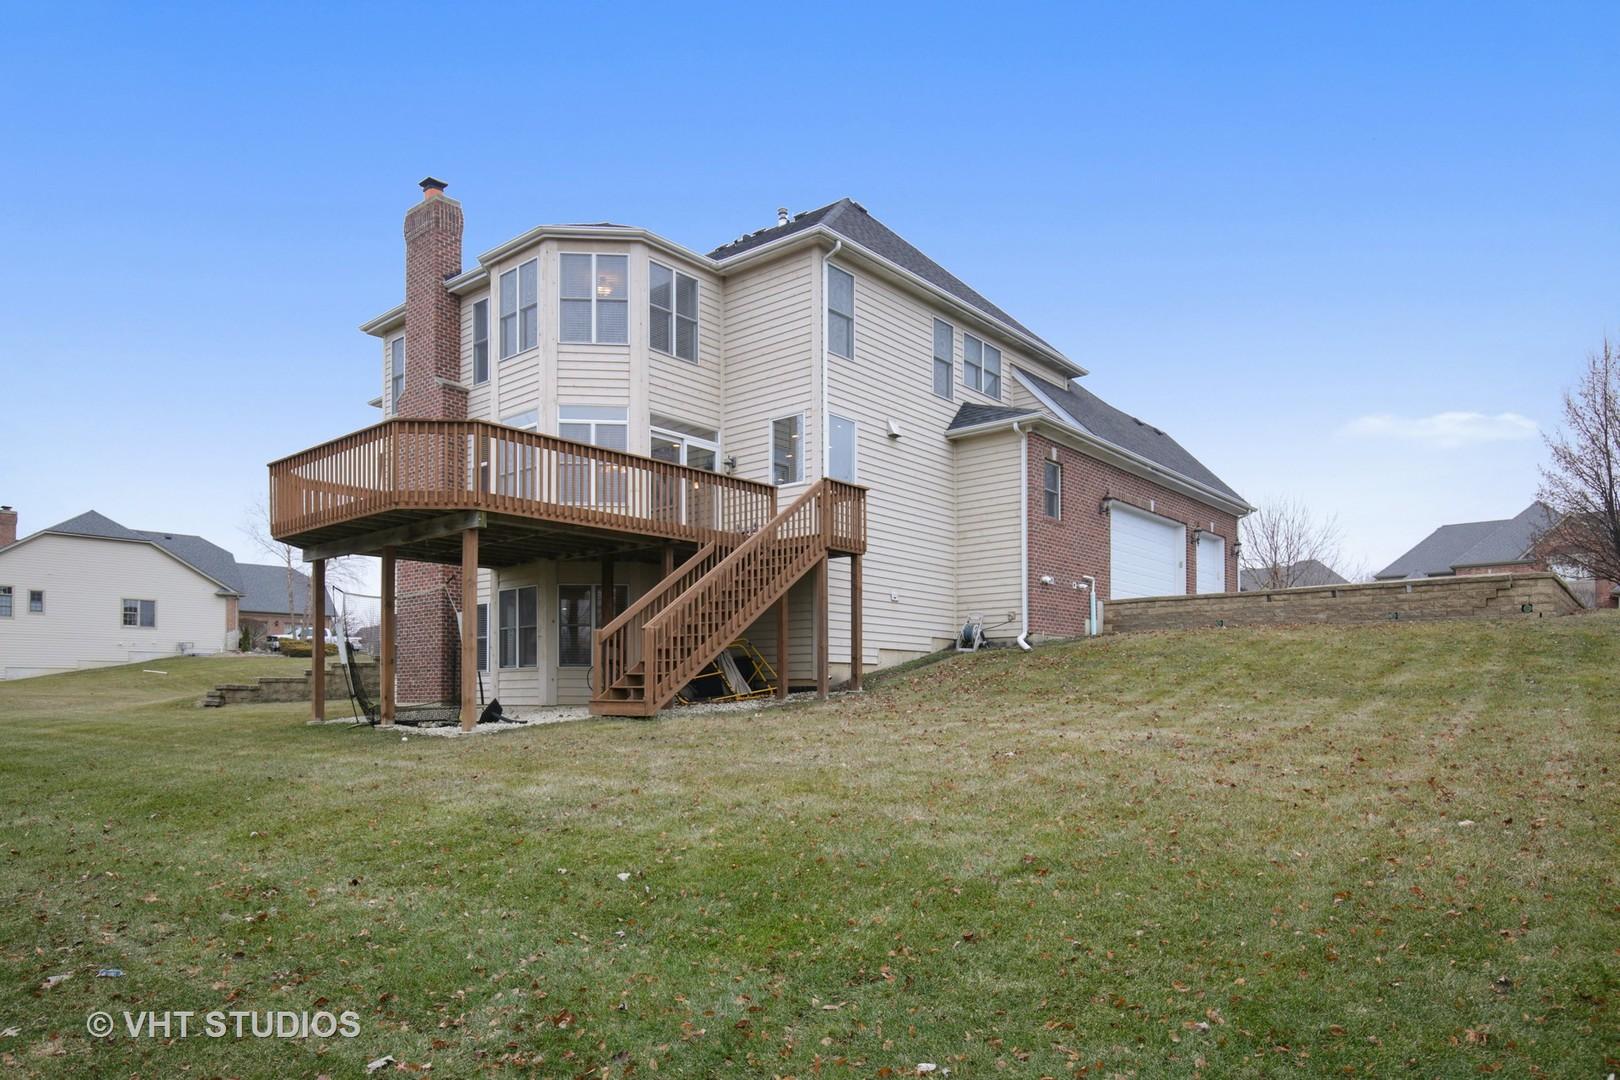 39W689 WALT WHITMAN, ST. CHARLES, Illinois, 60175